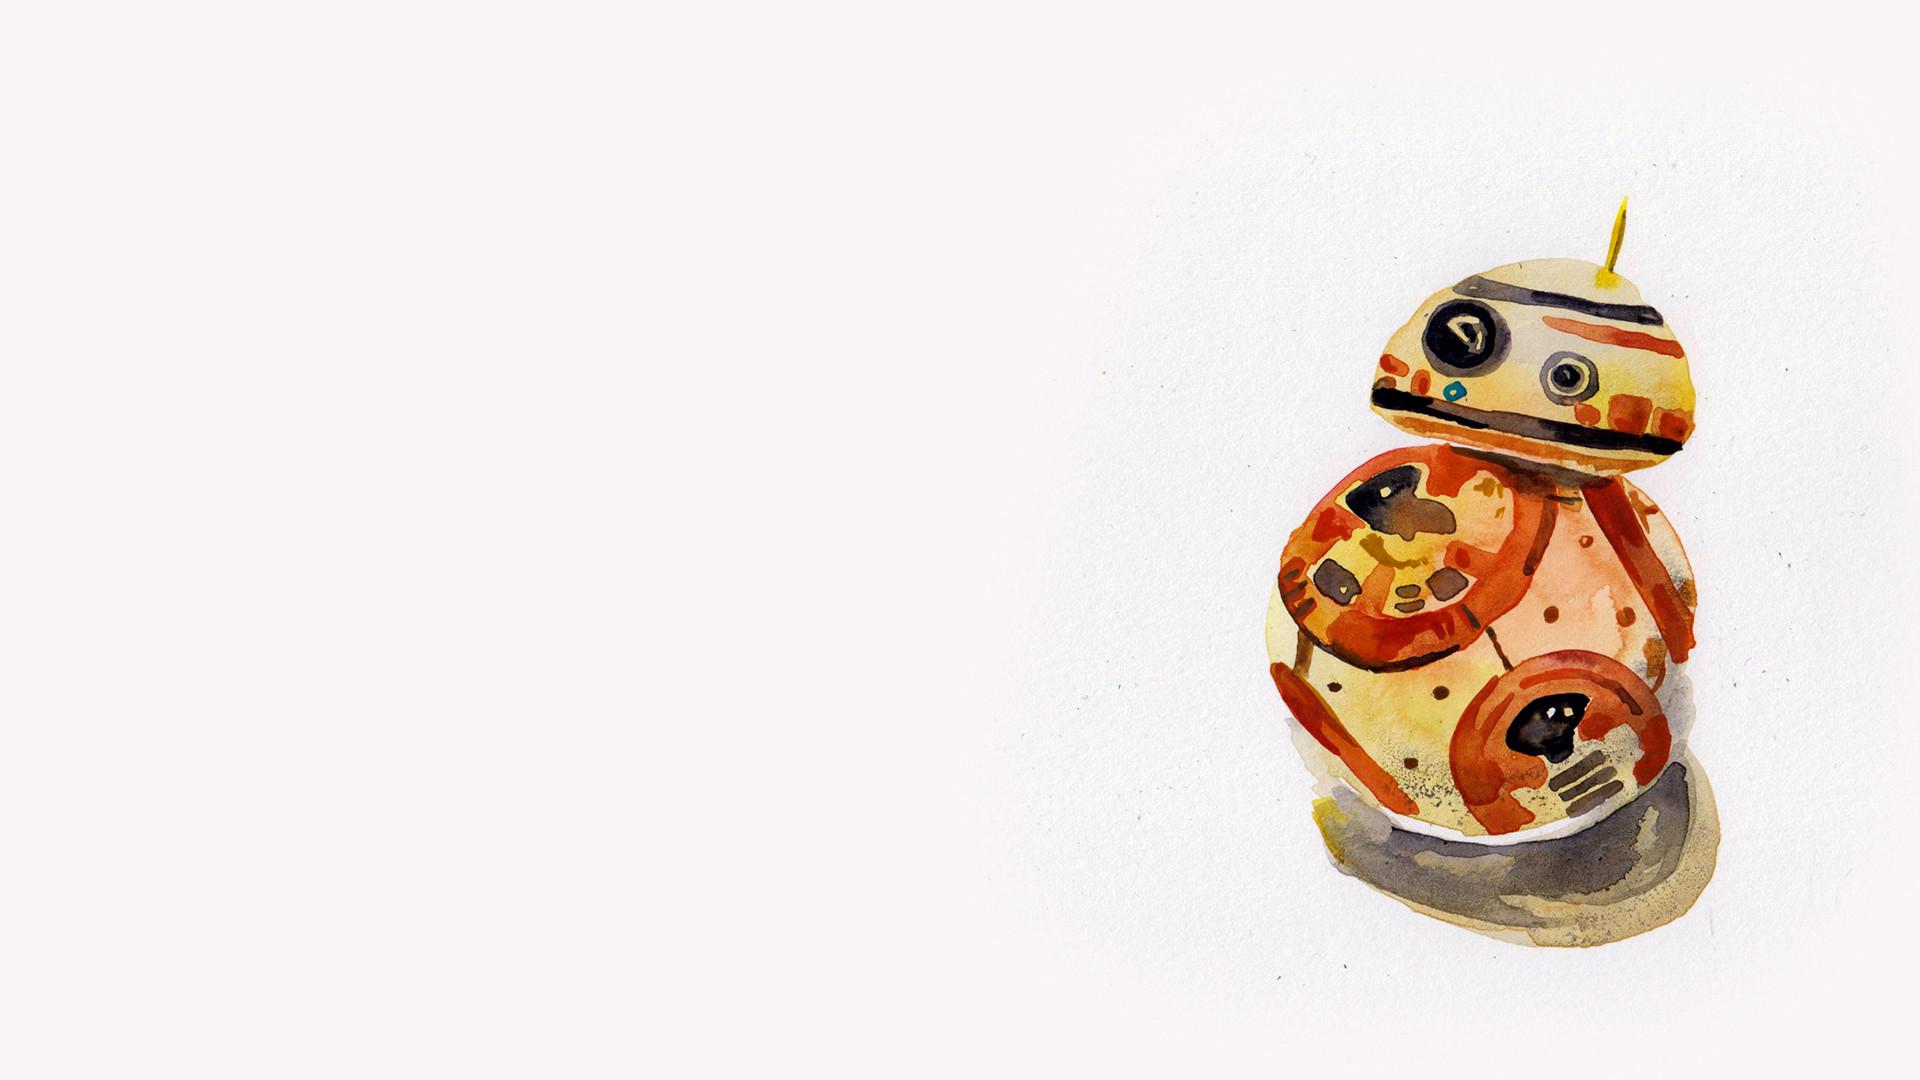 Sci Fi – Star Wars BB-8 Wallpaper